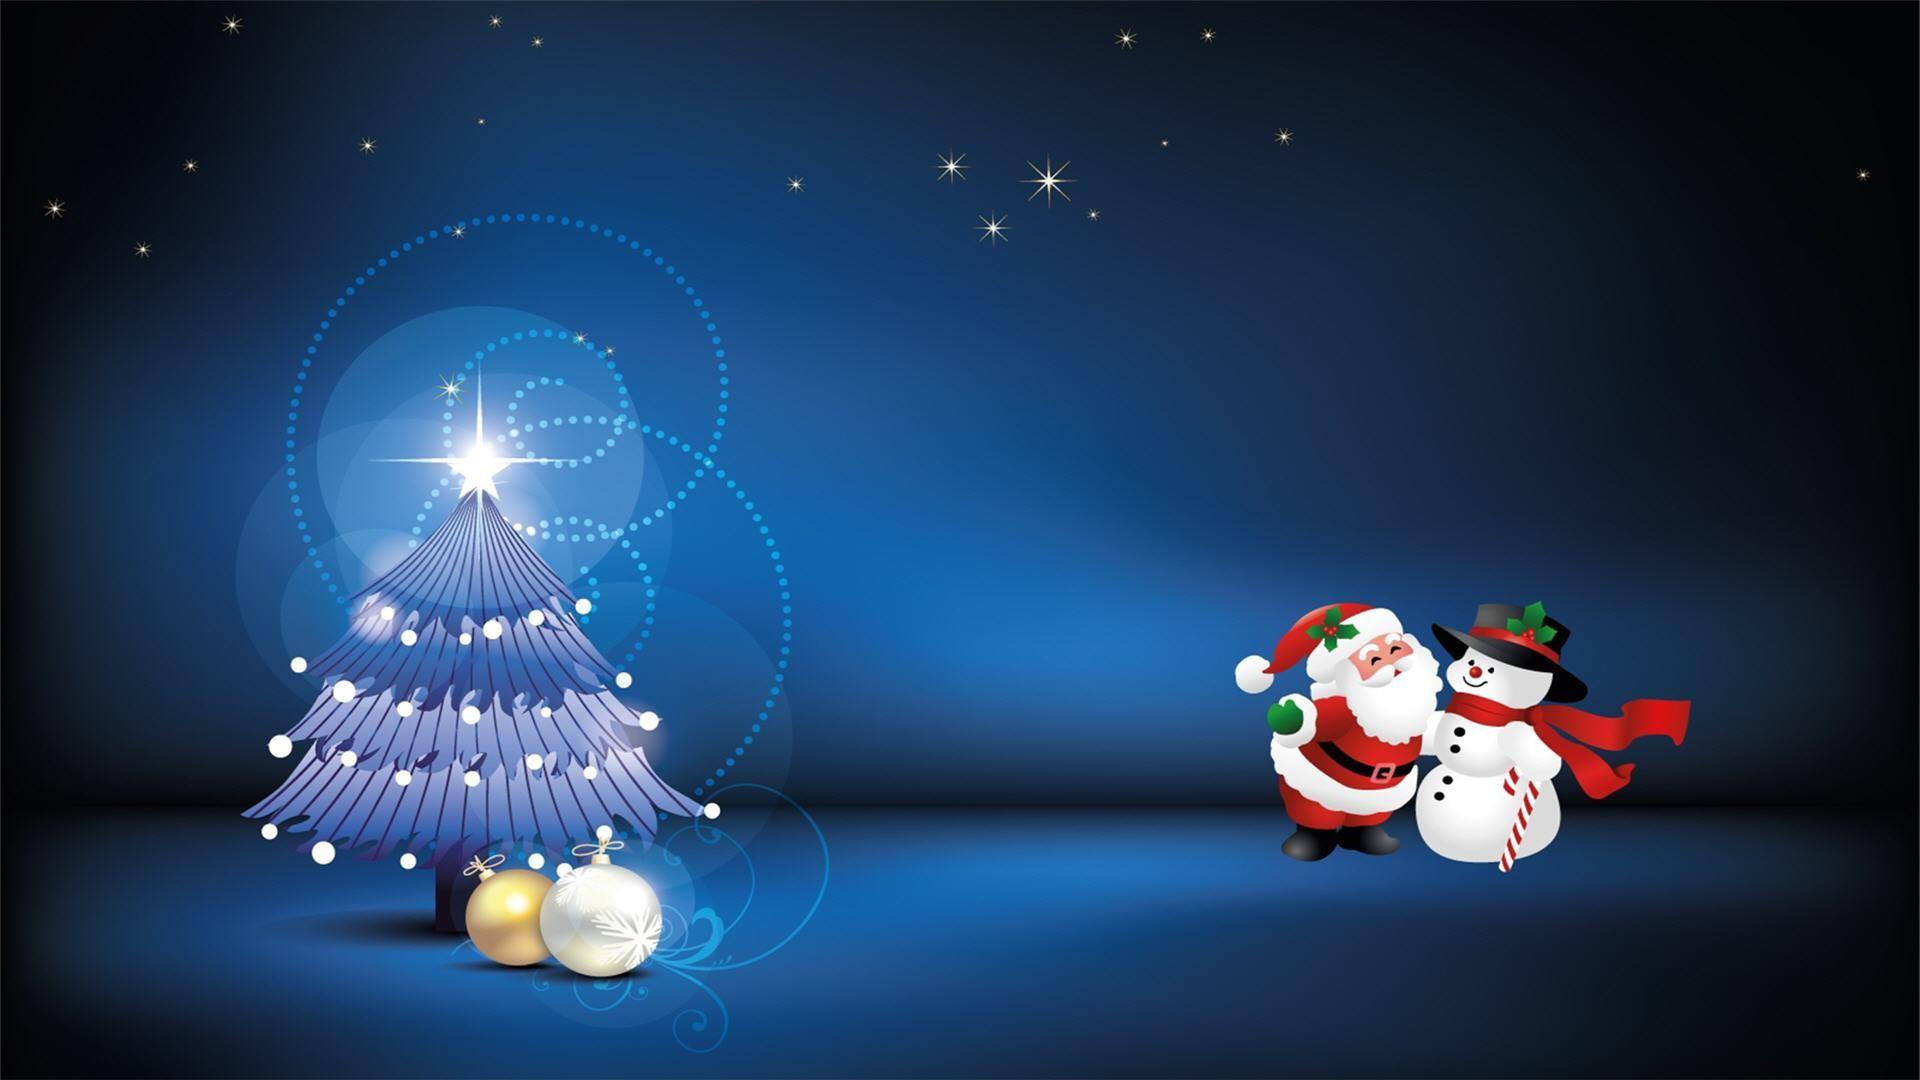 Christmas-Wallpapers-animy